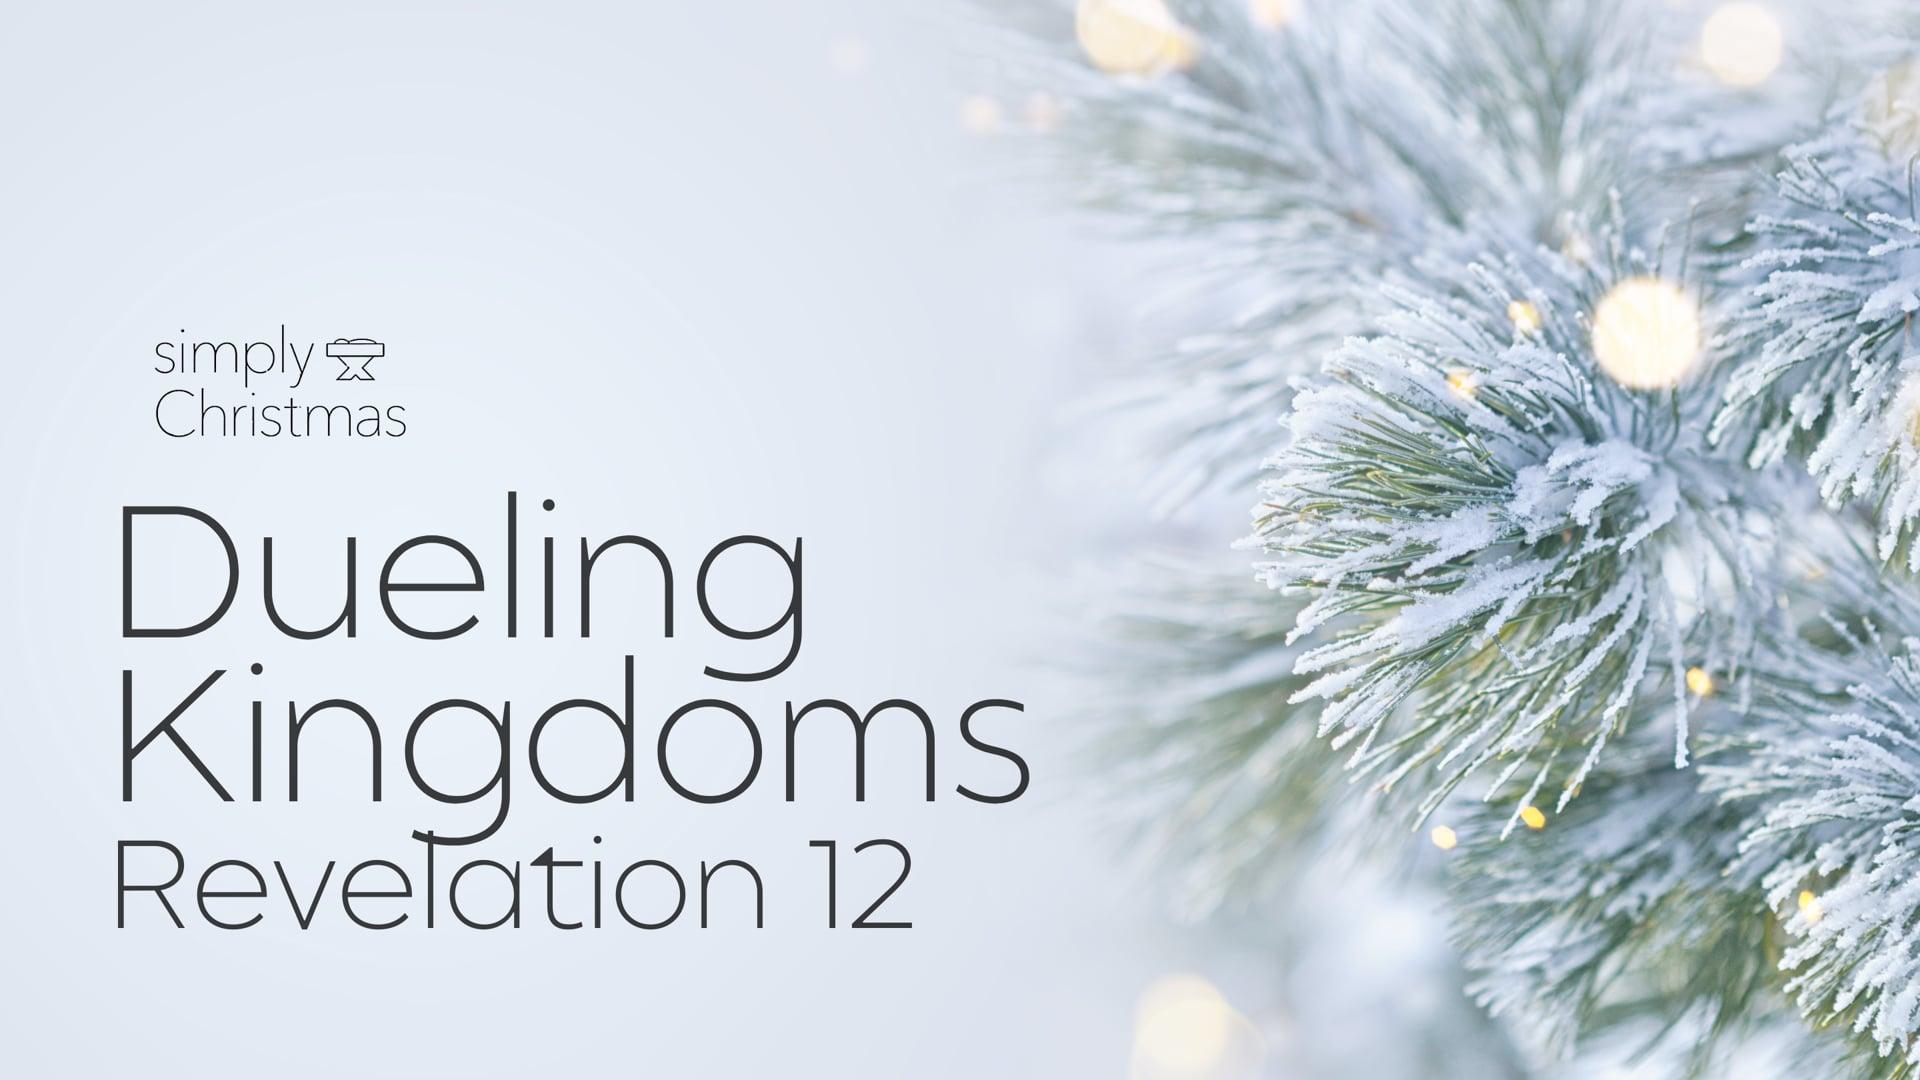 Dueling Kingdoms - December 20, 2020